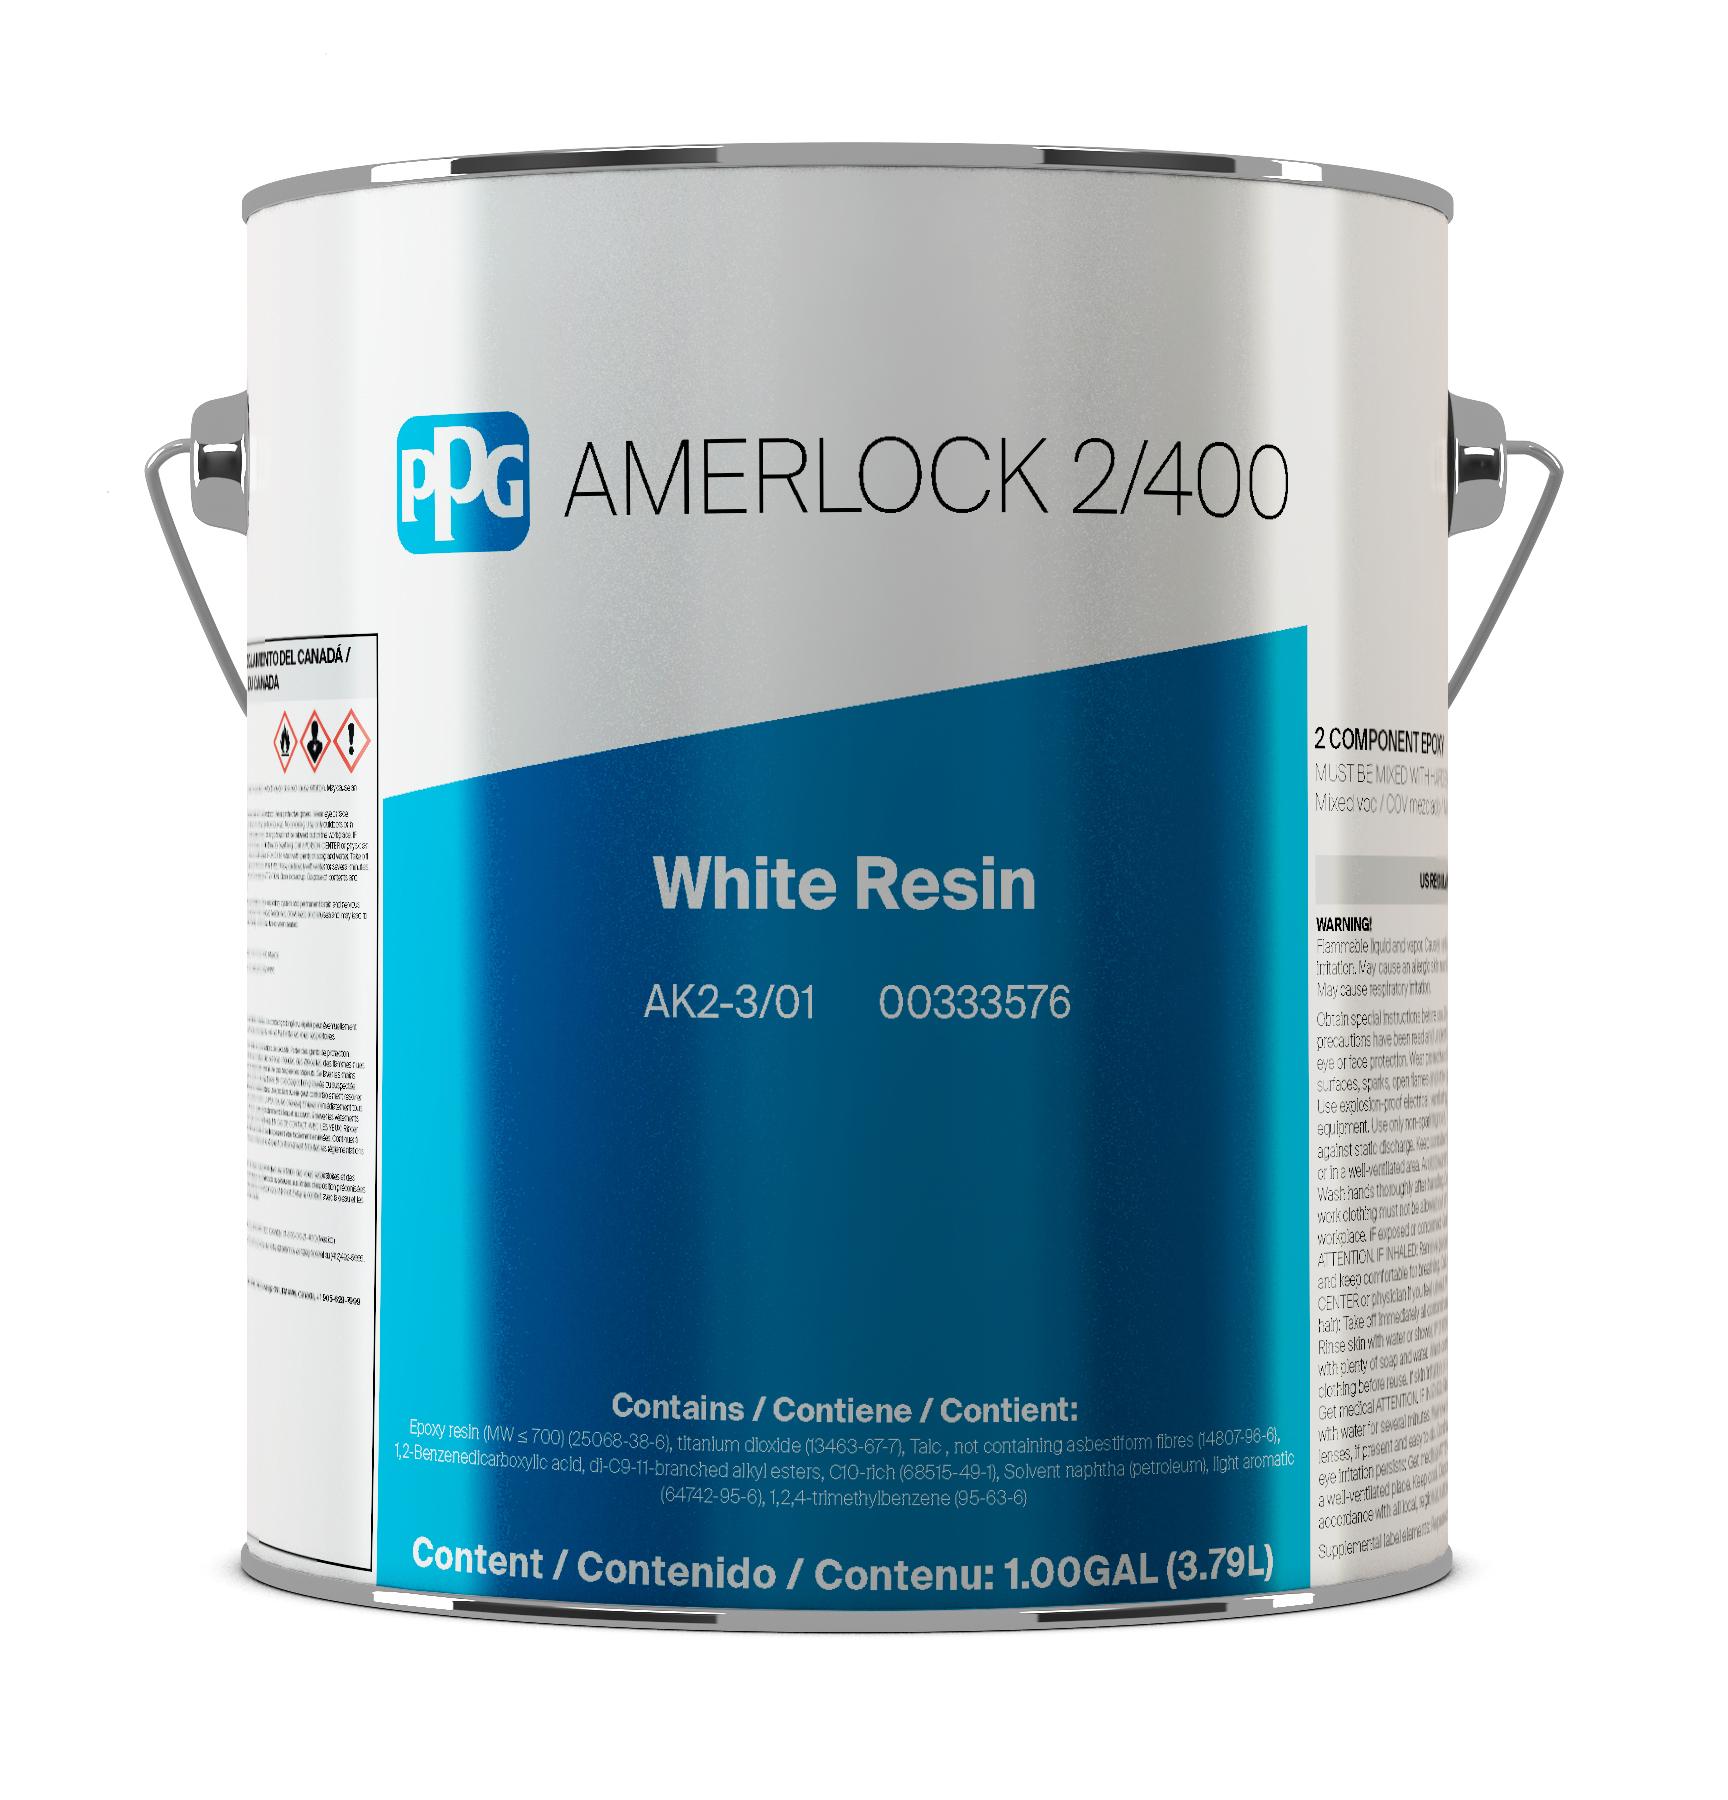 Amerlock 2 Voc Shilpark Paint